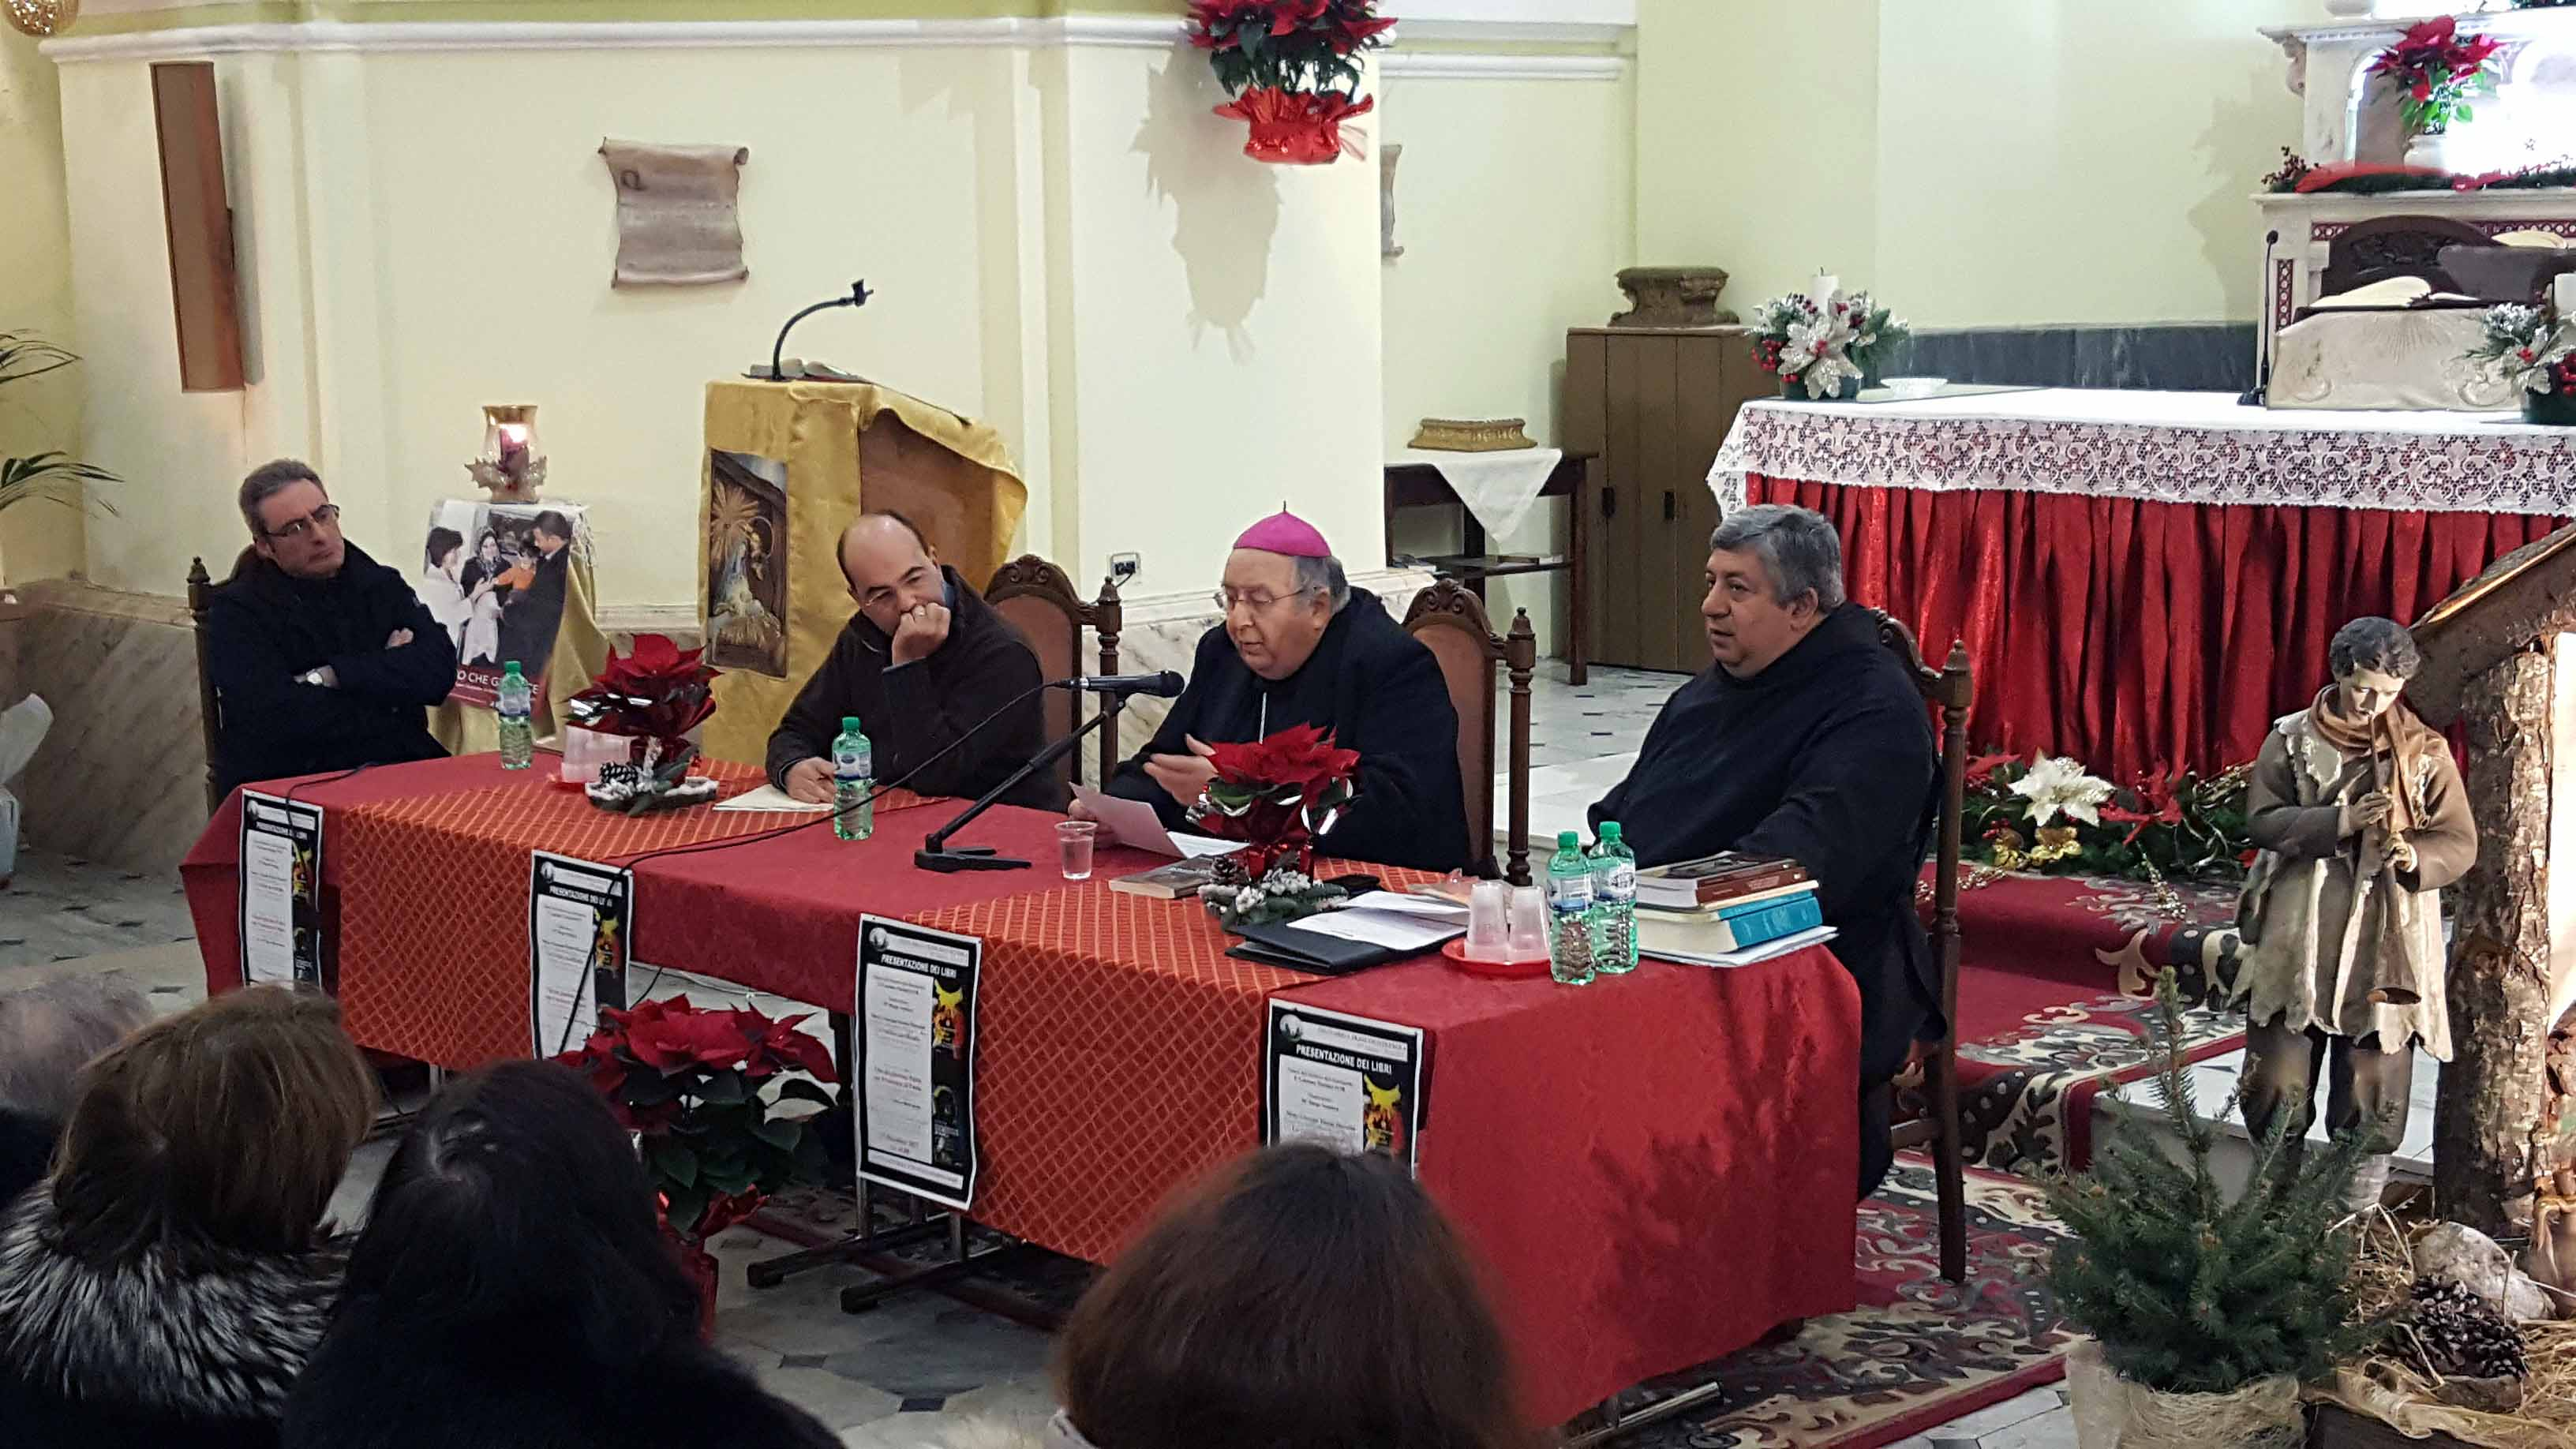 29/12/2017 Presentazione libri di S.E.Arcivescovo Mons. Morosini e Padre Rocco Benvenuto